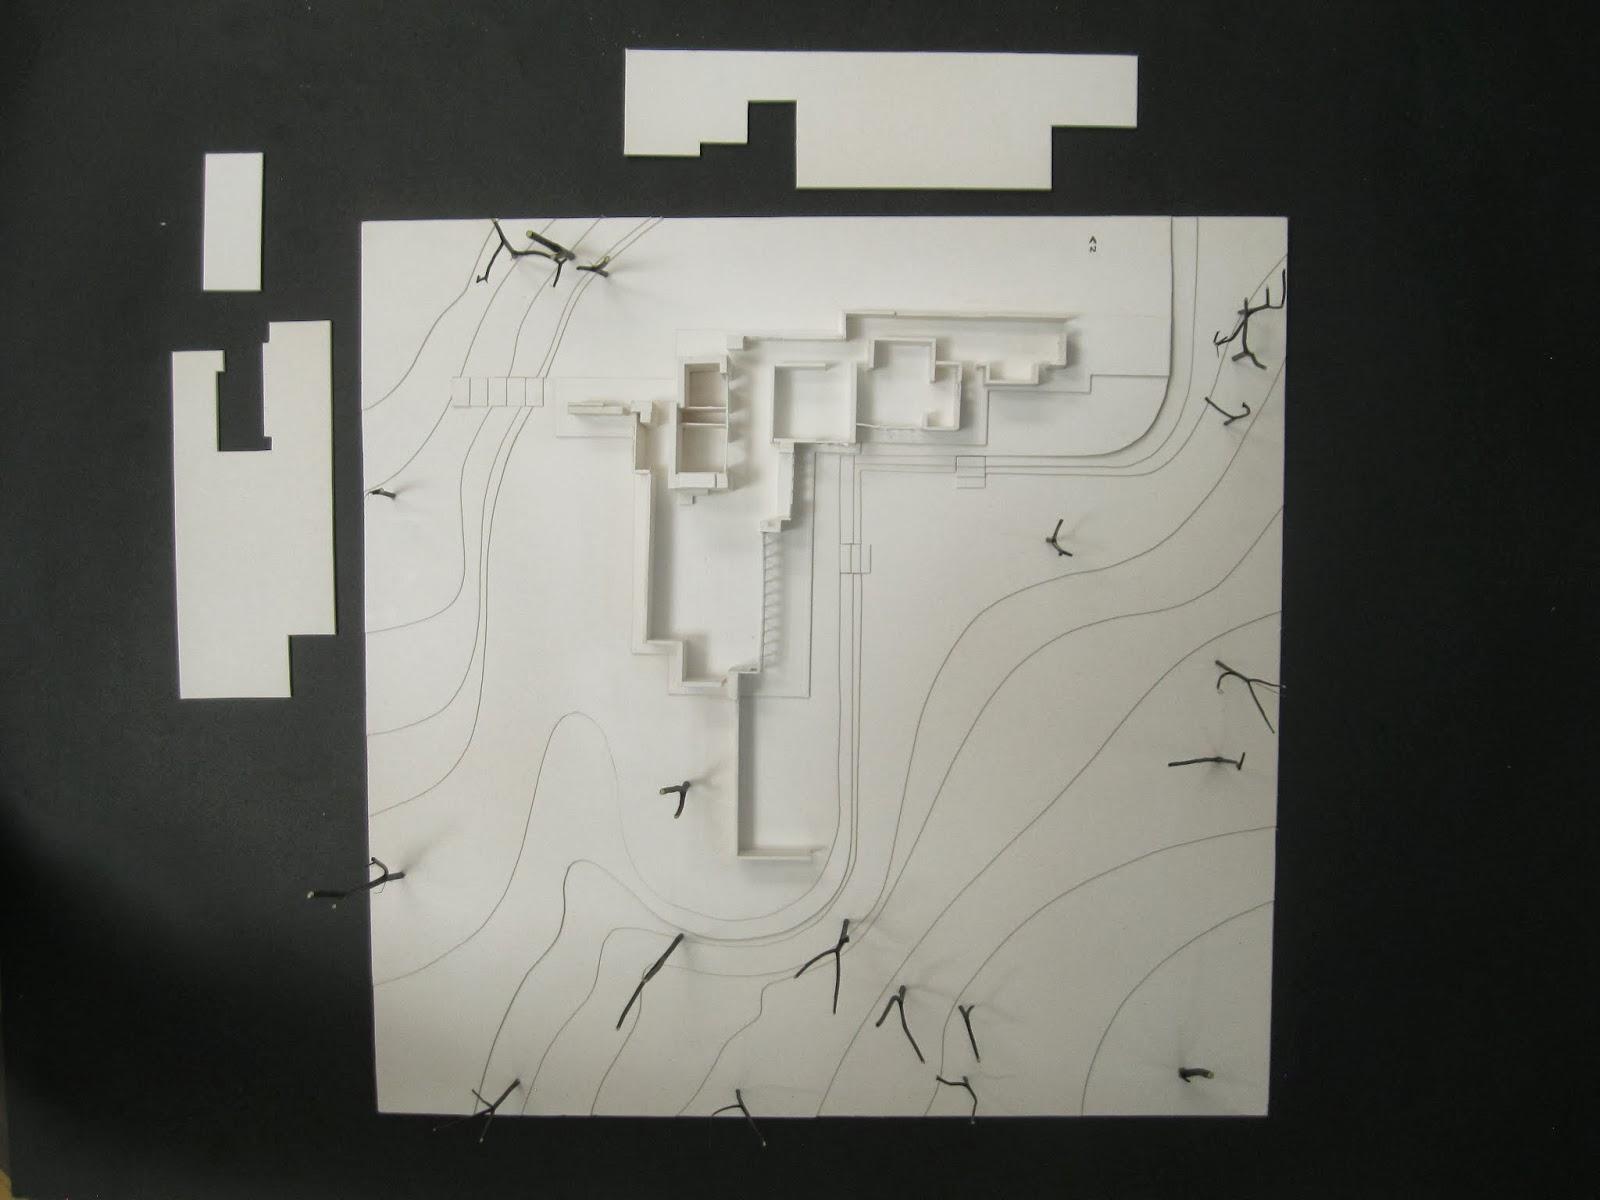 Historia de la arquitectura moderna casa jacobs 1 frank for Historia de la arquitectura moderna